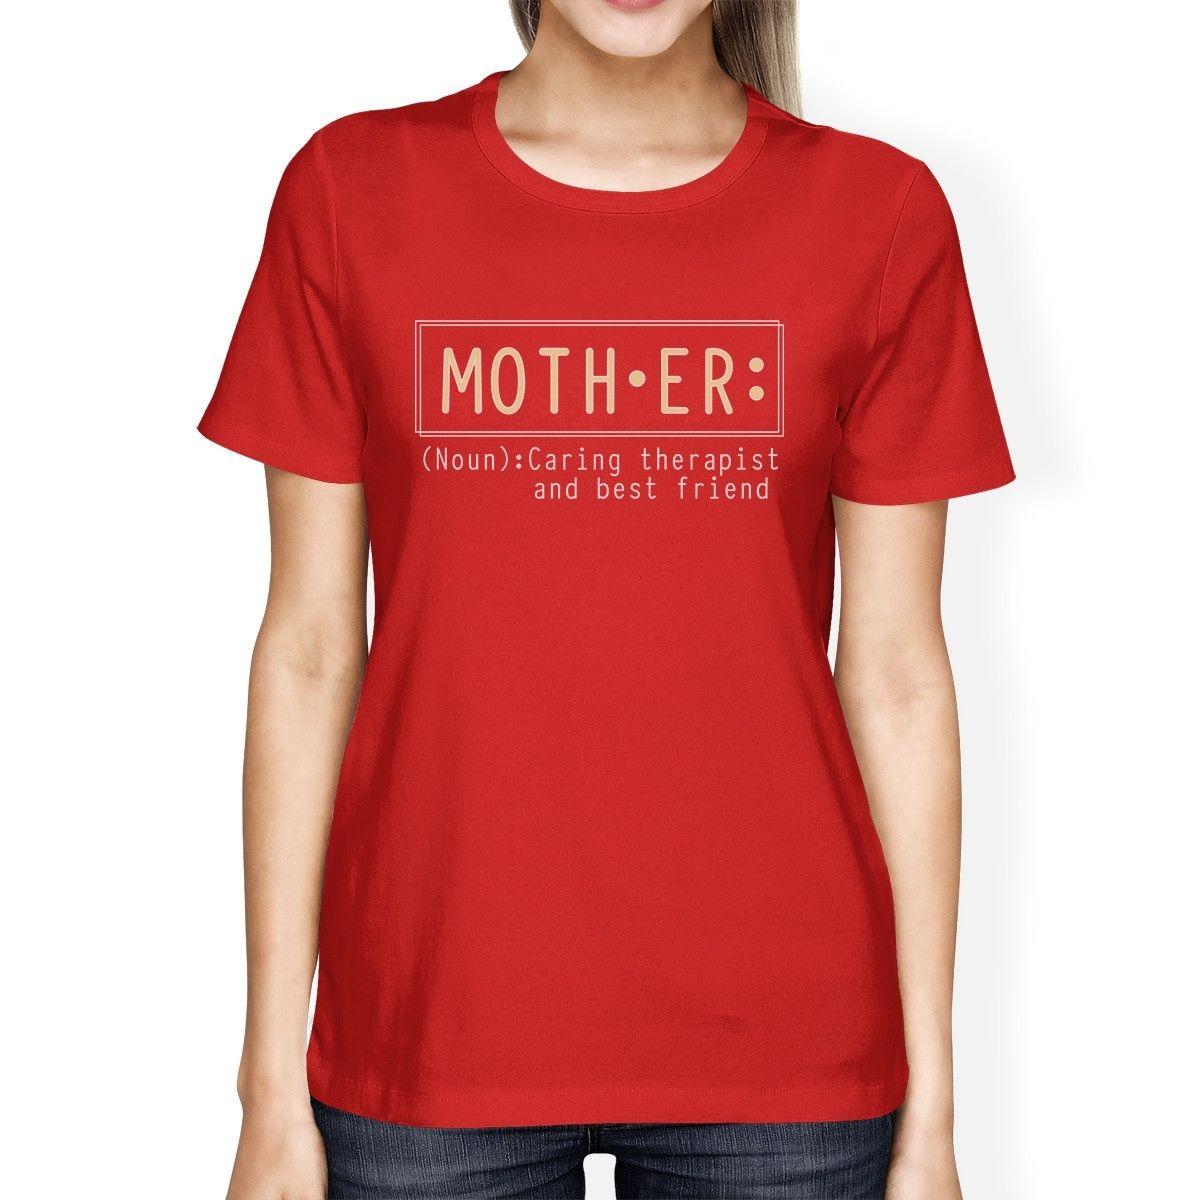 Мать терапевт женская красная футболка День матери подарок от дочери с принтами Топы корректирующие Популярные Футболки для девочек панк Т...